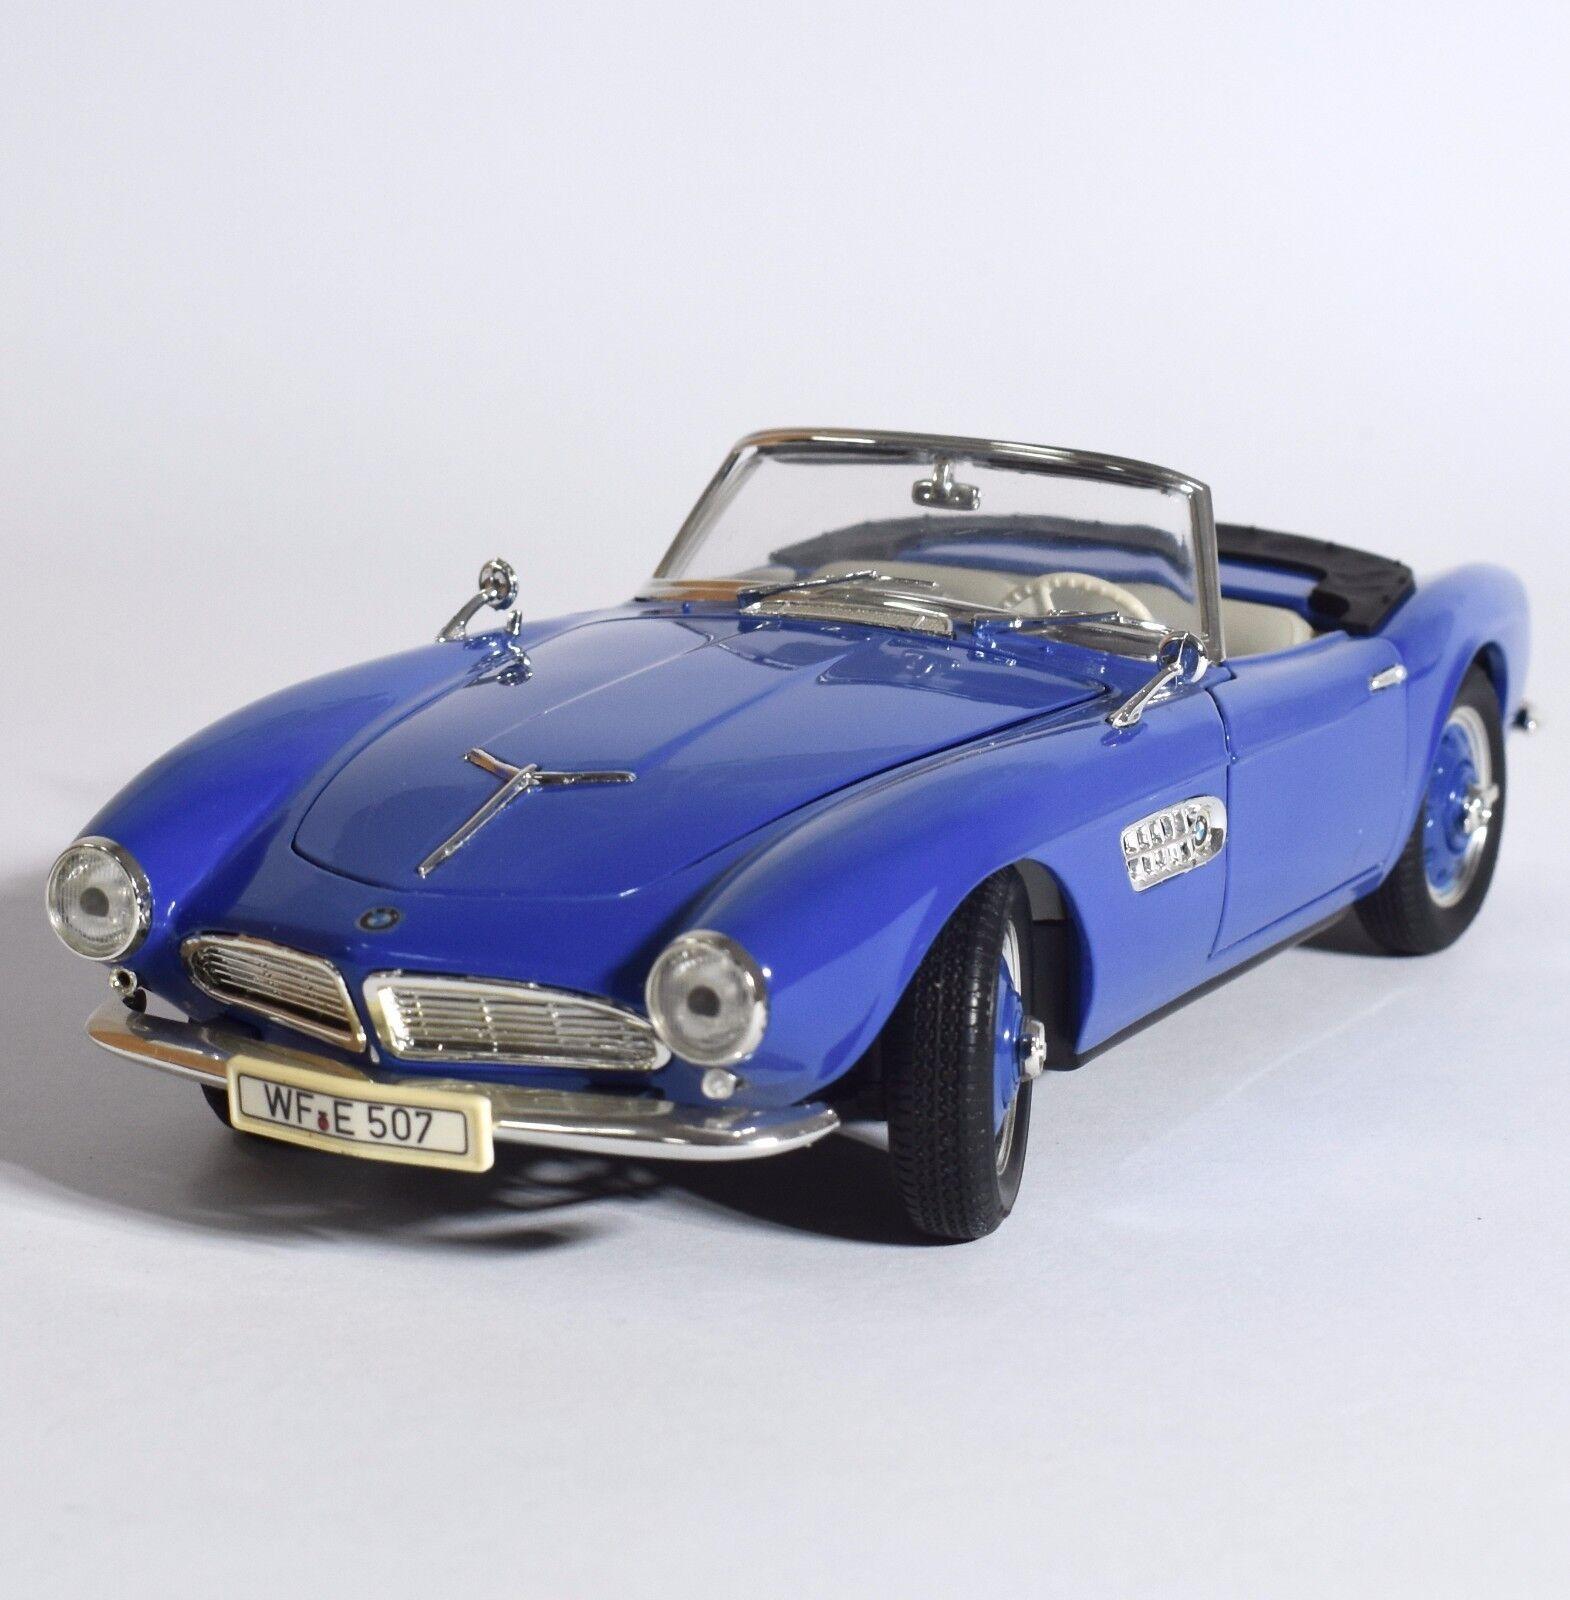 REVELL 08810 BMW 507 TOUbague  SPORT CABRIOLET en bleu laqué, 1 18, NEUF dans sa boîte, k011  connotation de luxe discret